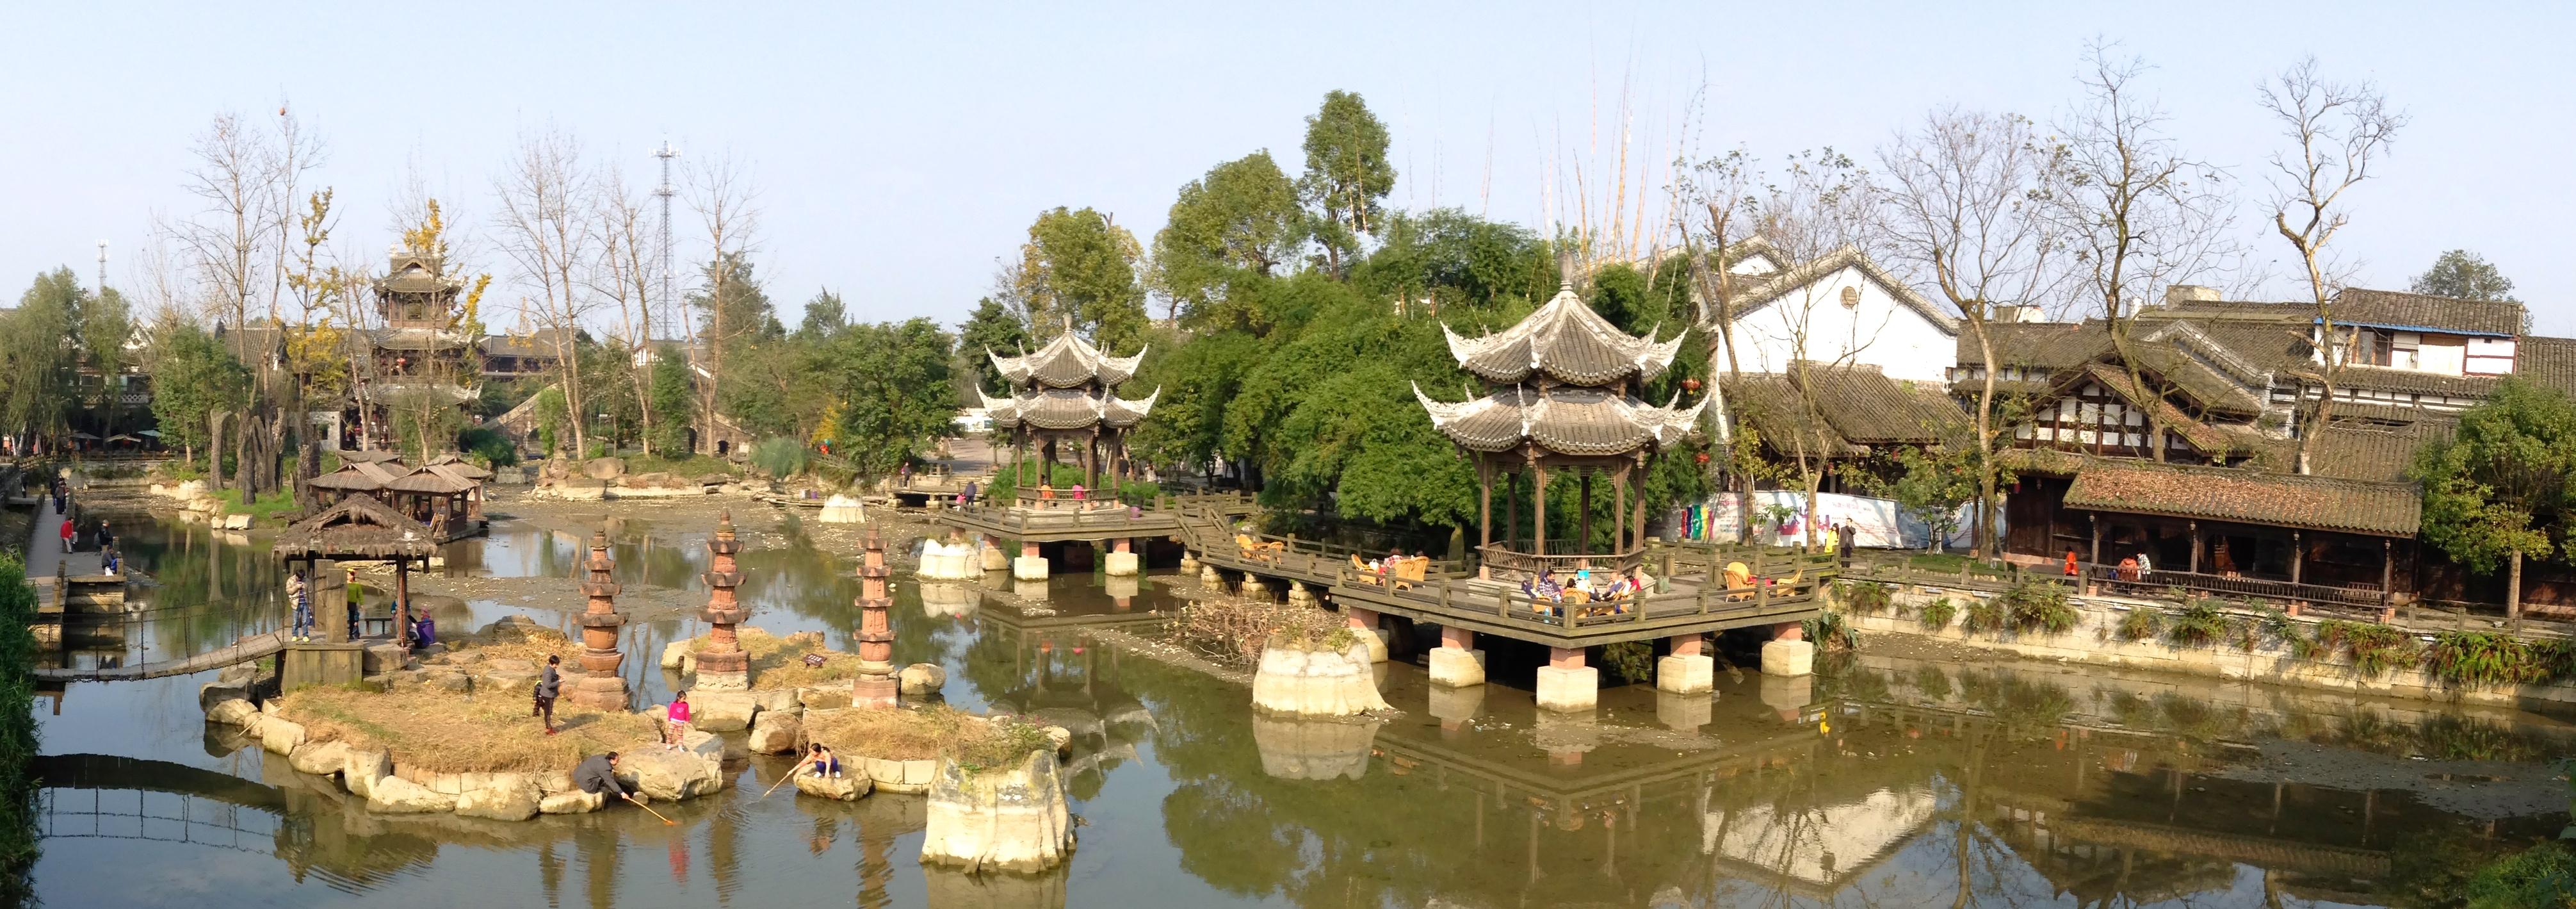 File:Shuangliu, Chengdu, Sichuan, China - panoramio (23).jpg ...